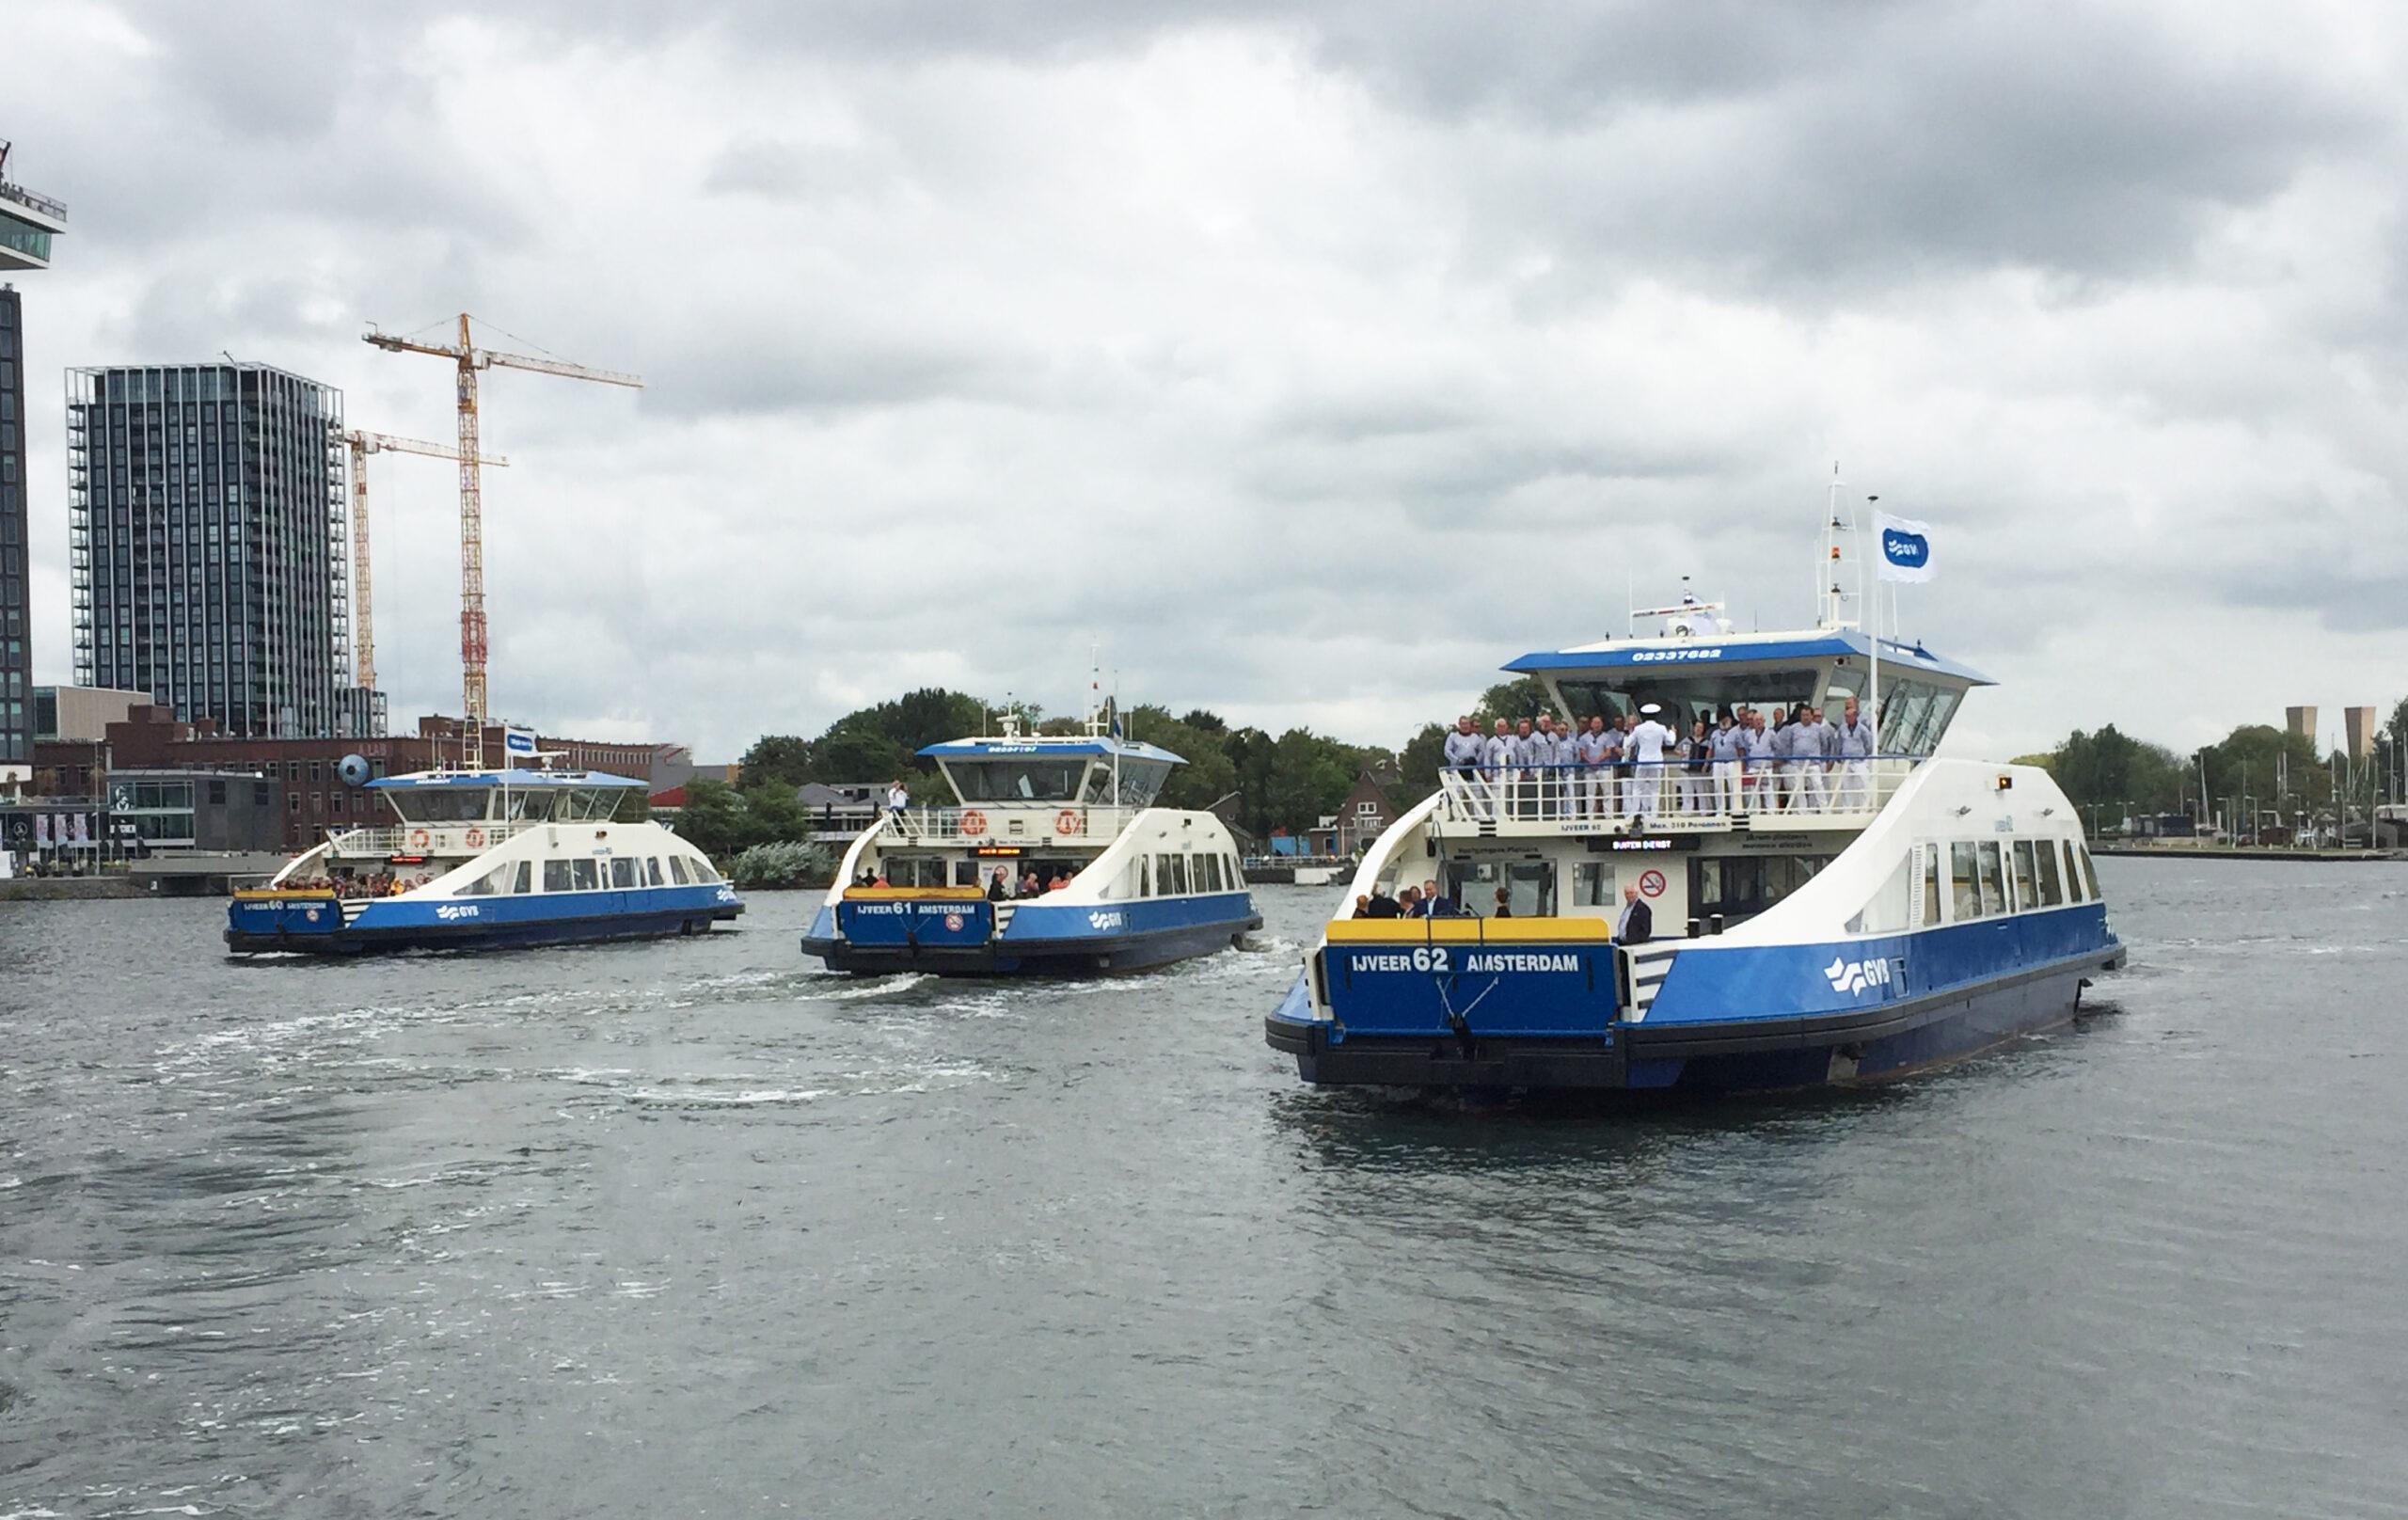 Het MIIP Navis onderzoekt de stapsgewijze introductie van autonome veerponten op Nederlandse binnenwateren